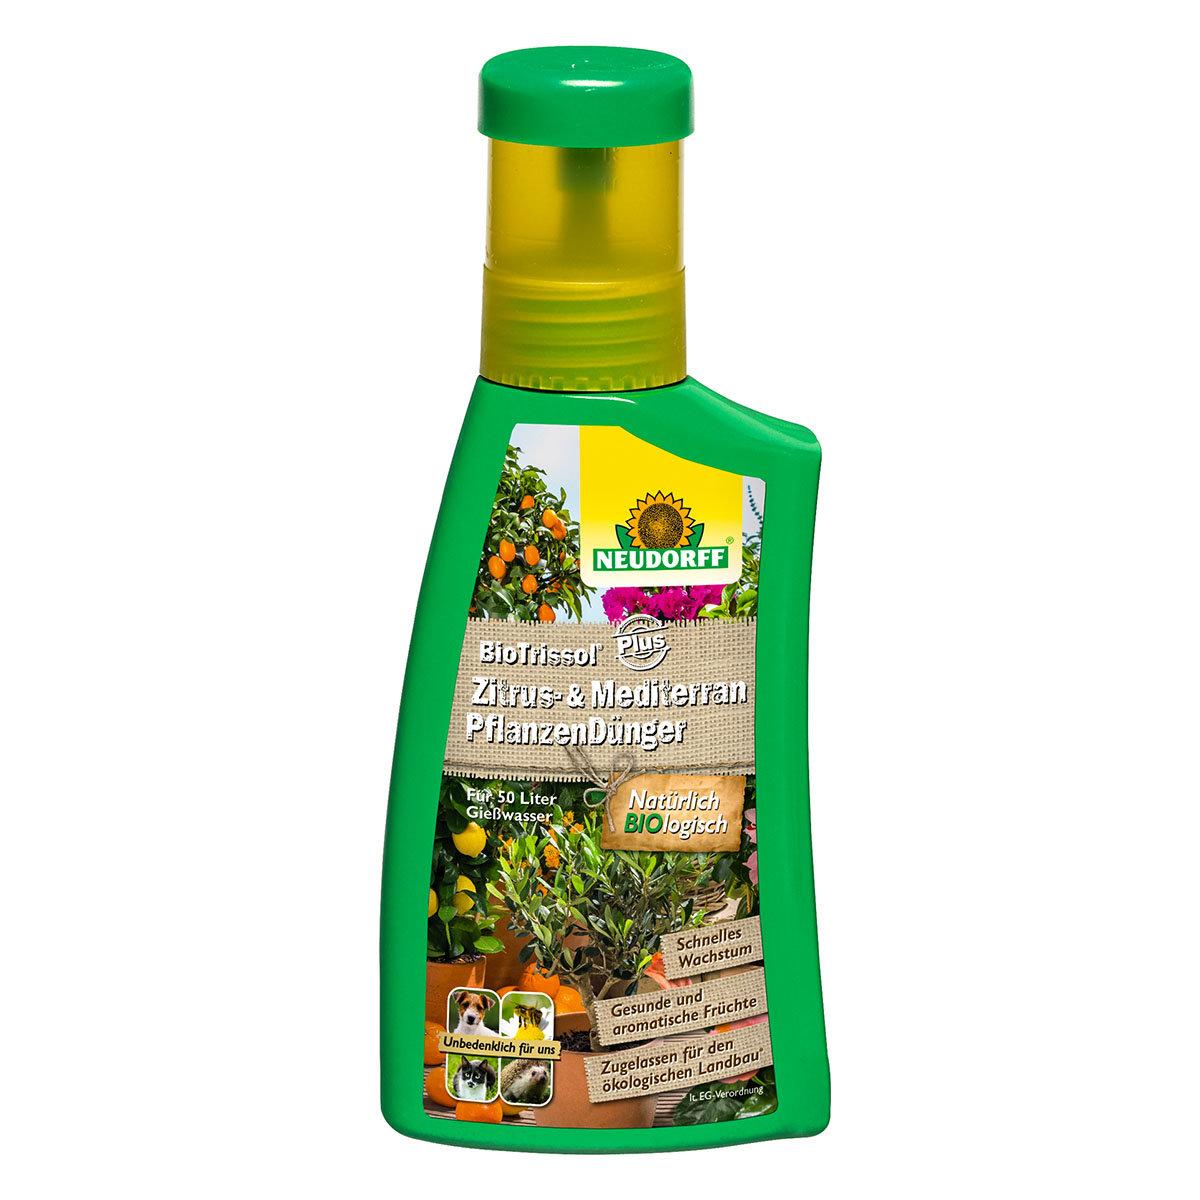 Neudorff BioTrissol Plus Zitrus- und MediterranpflanzenDünger, 250 ml